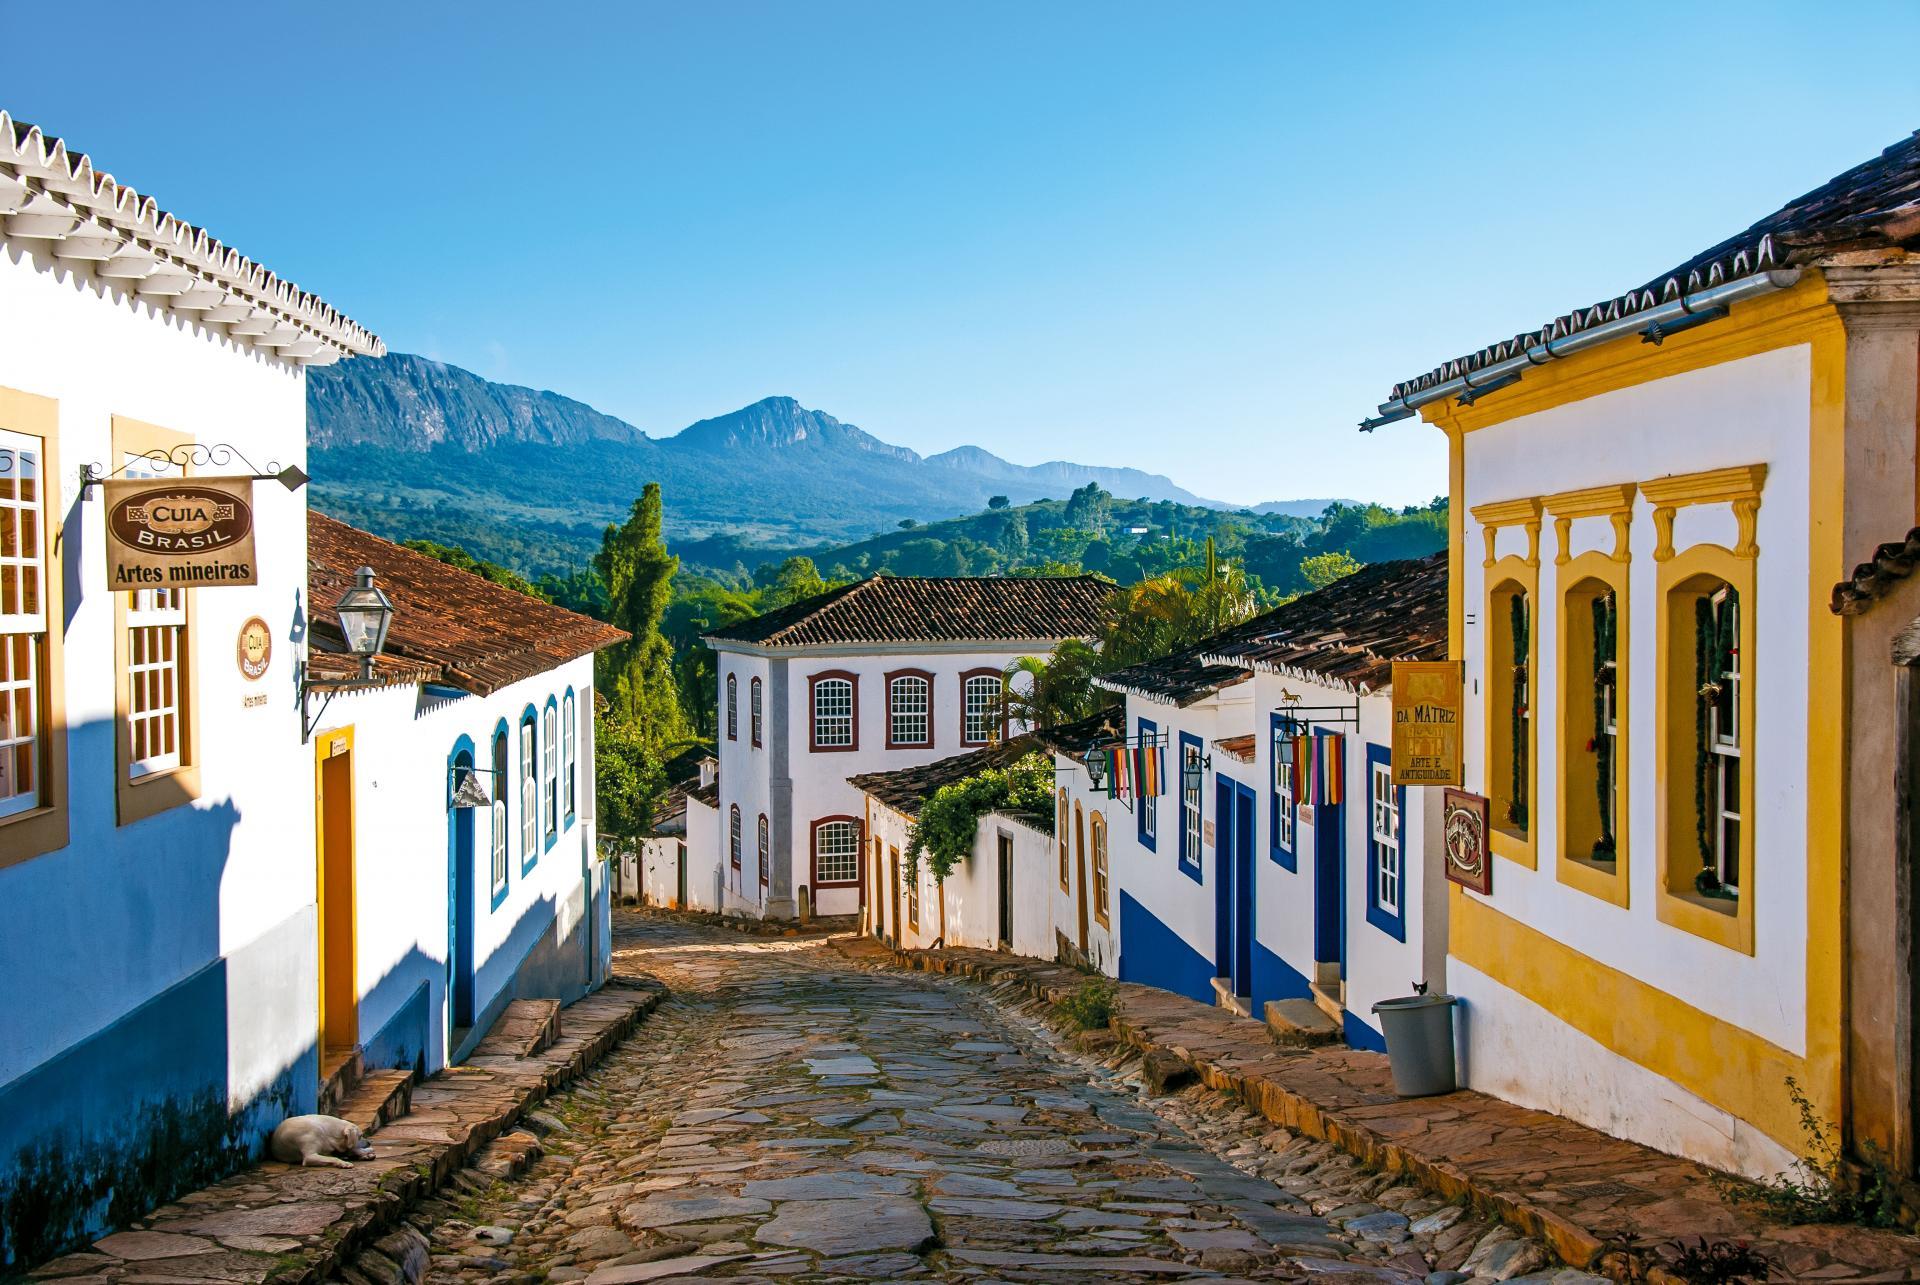 Malerische Straße in Tiradentes